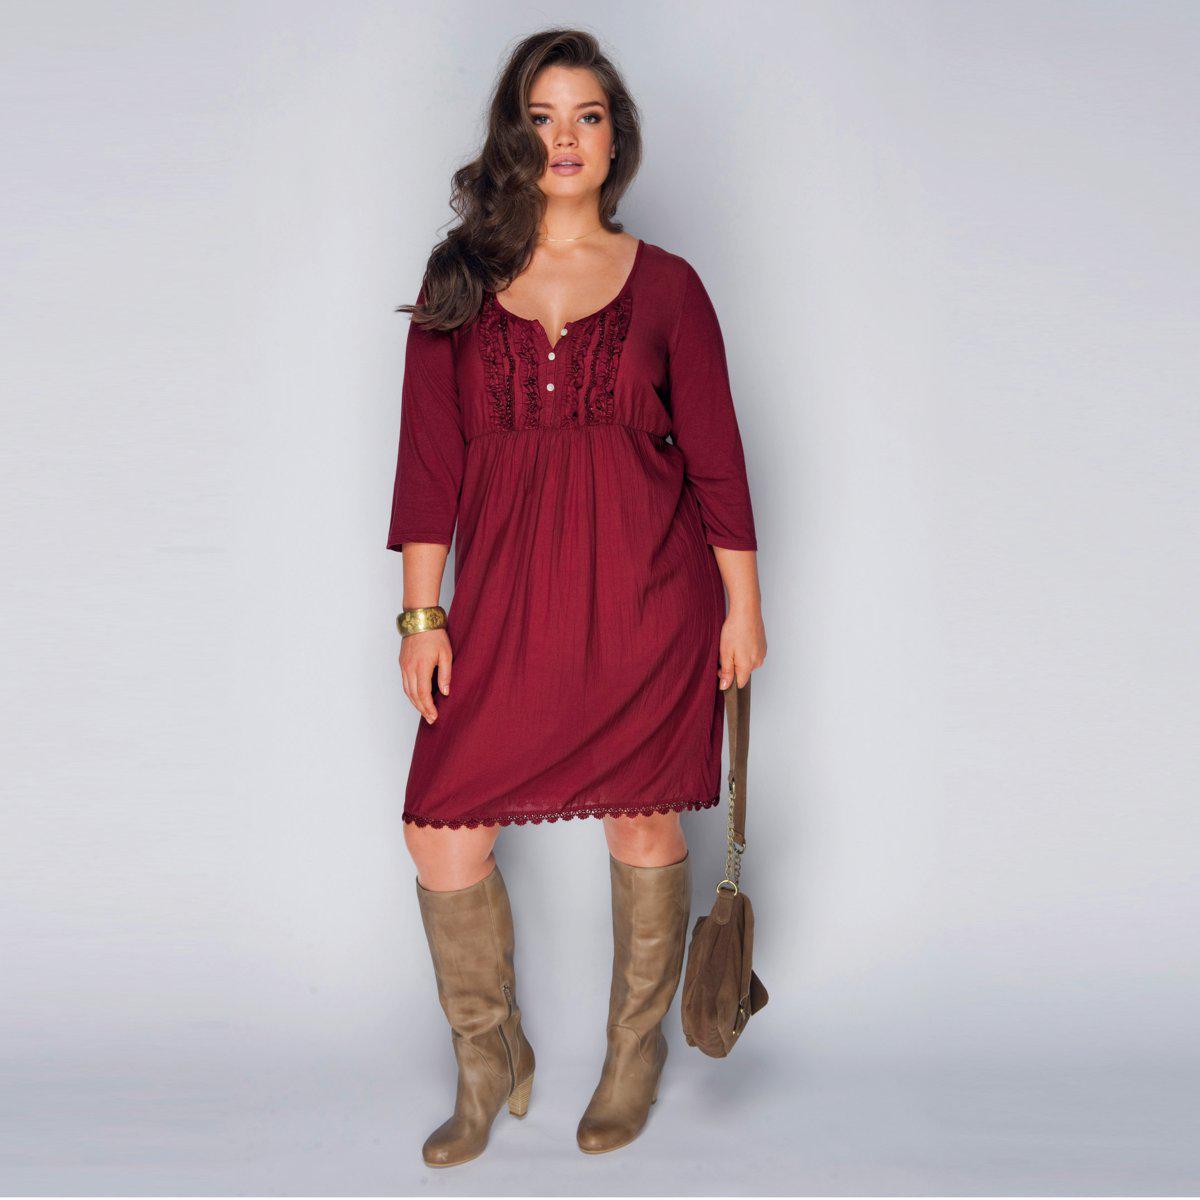 8f636ef53b04 Βραδυνα Φορεματα Plus Size Φθινόπωρο 2011 κωδ. 324221081